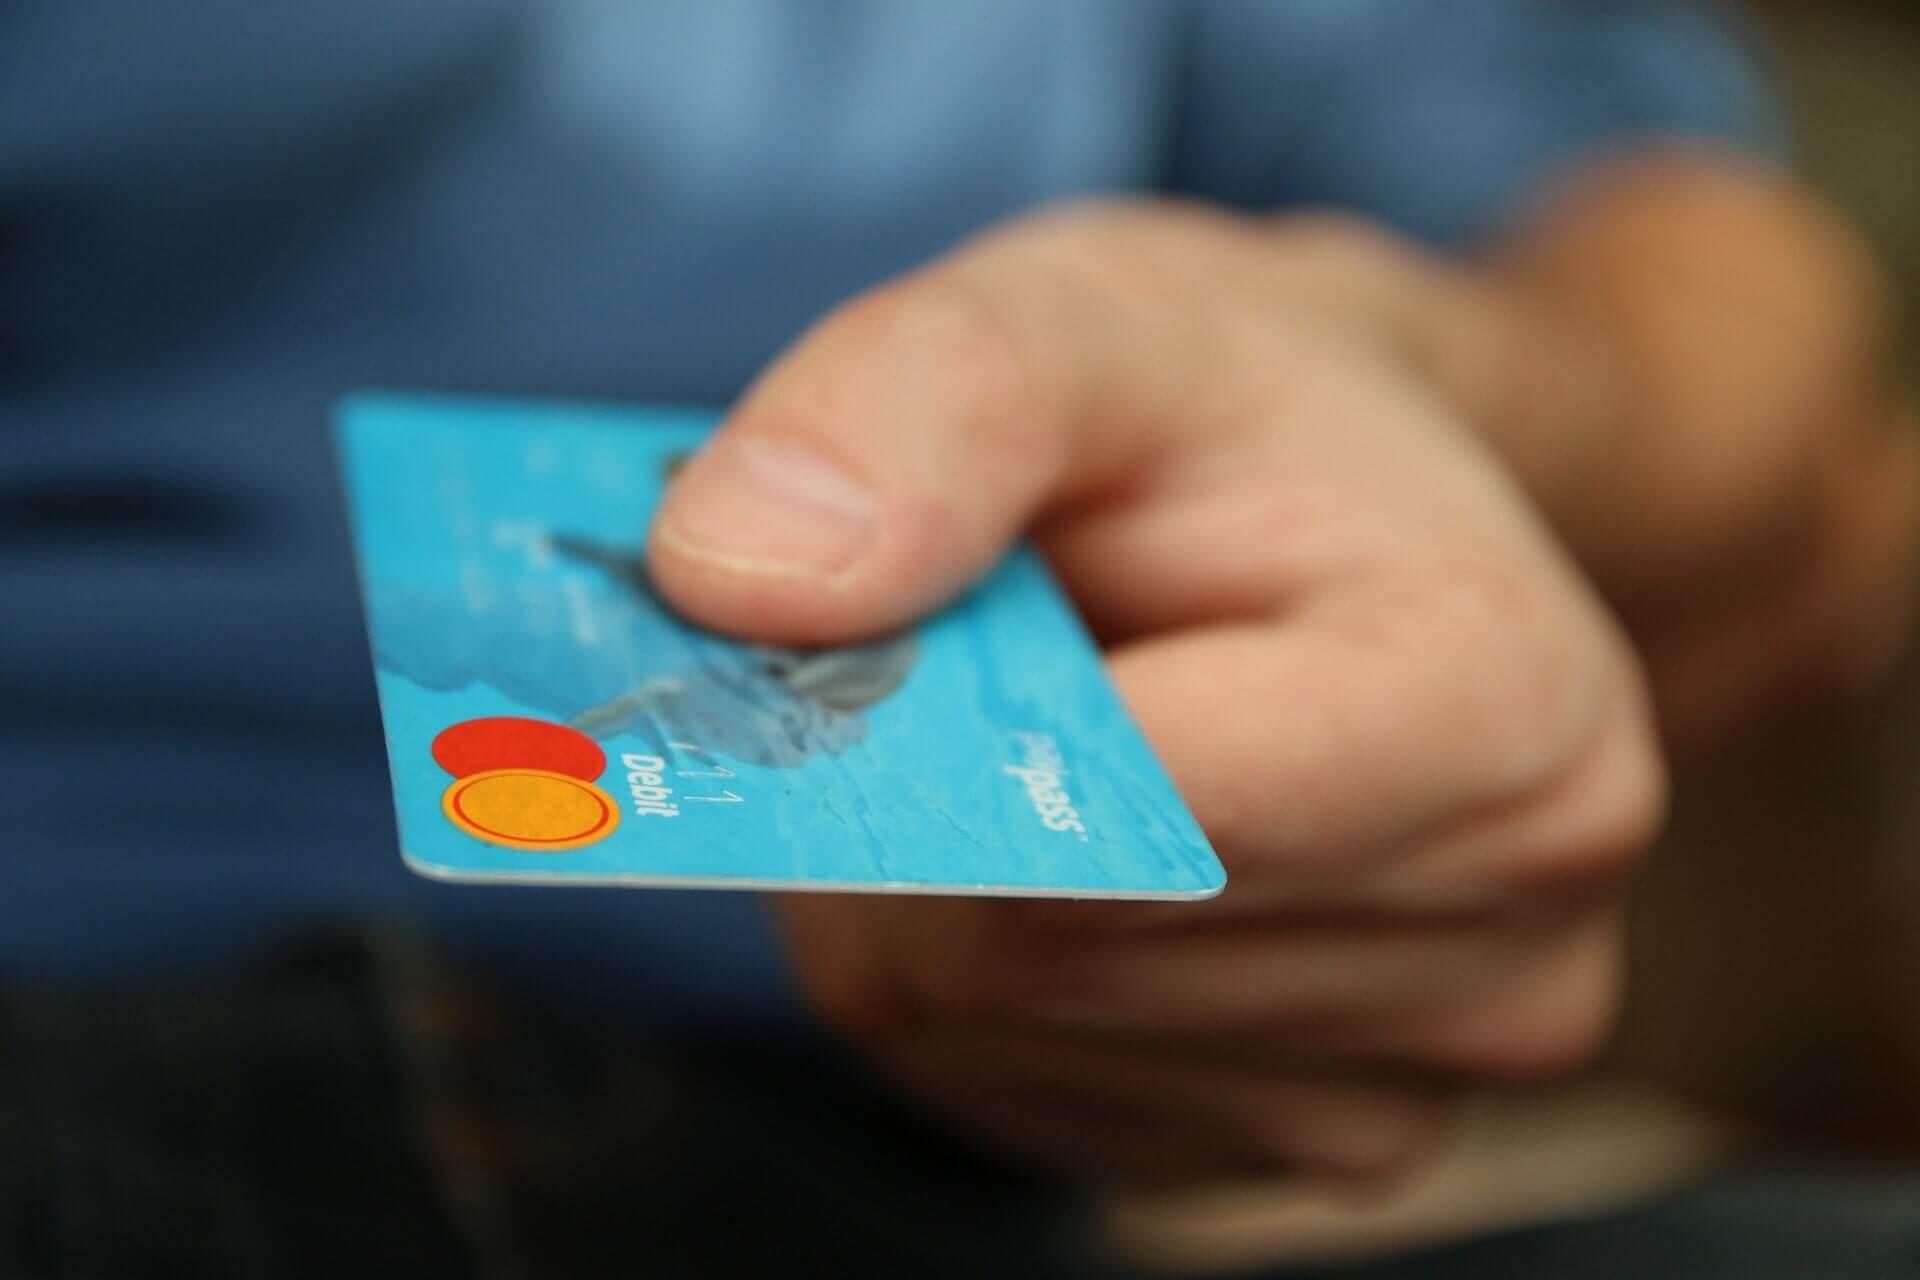 Rätt val: Är du redo för ett kreditkort?